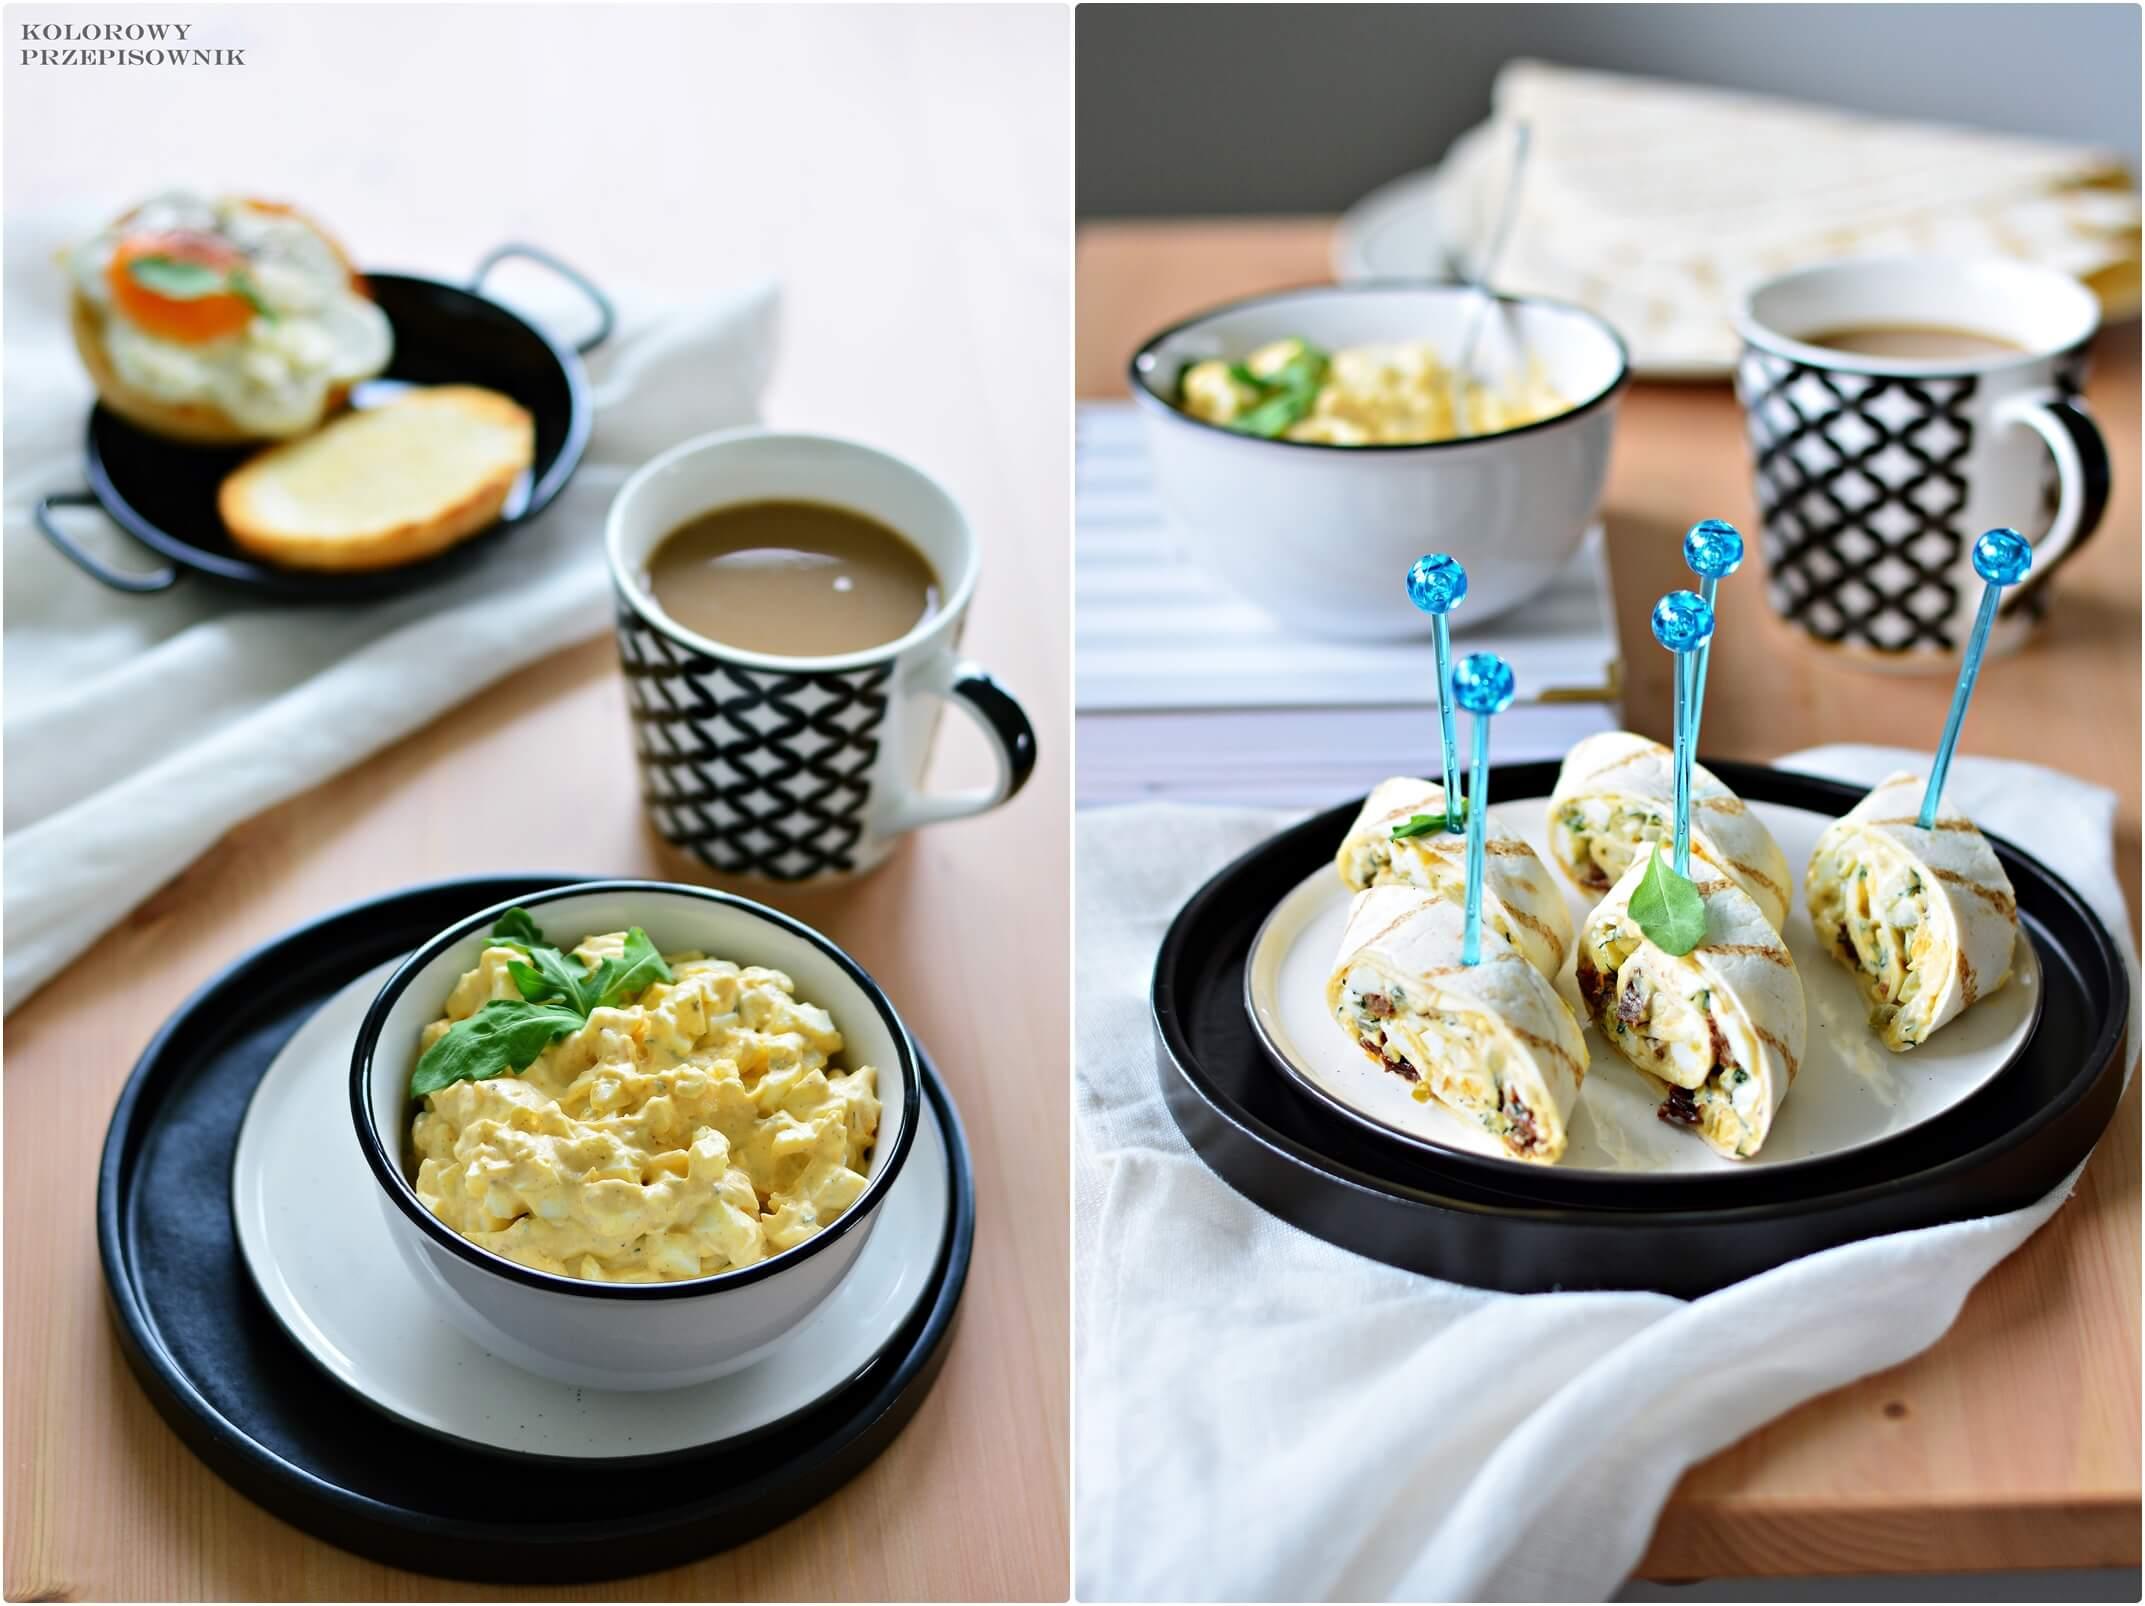 Sniadanie zjajkiem na4 sposoby, pasta jajeczna, roladki ztortilli, roladki ztortilli zpasta jajeczna